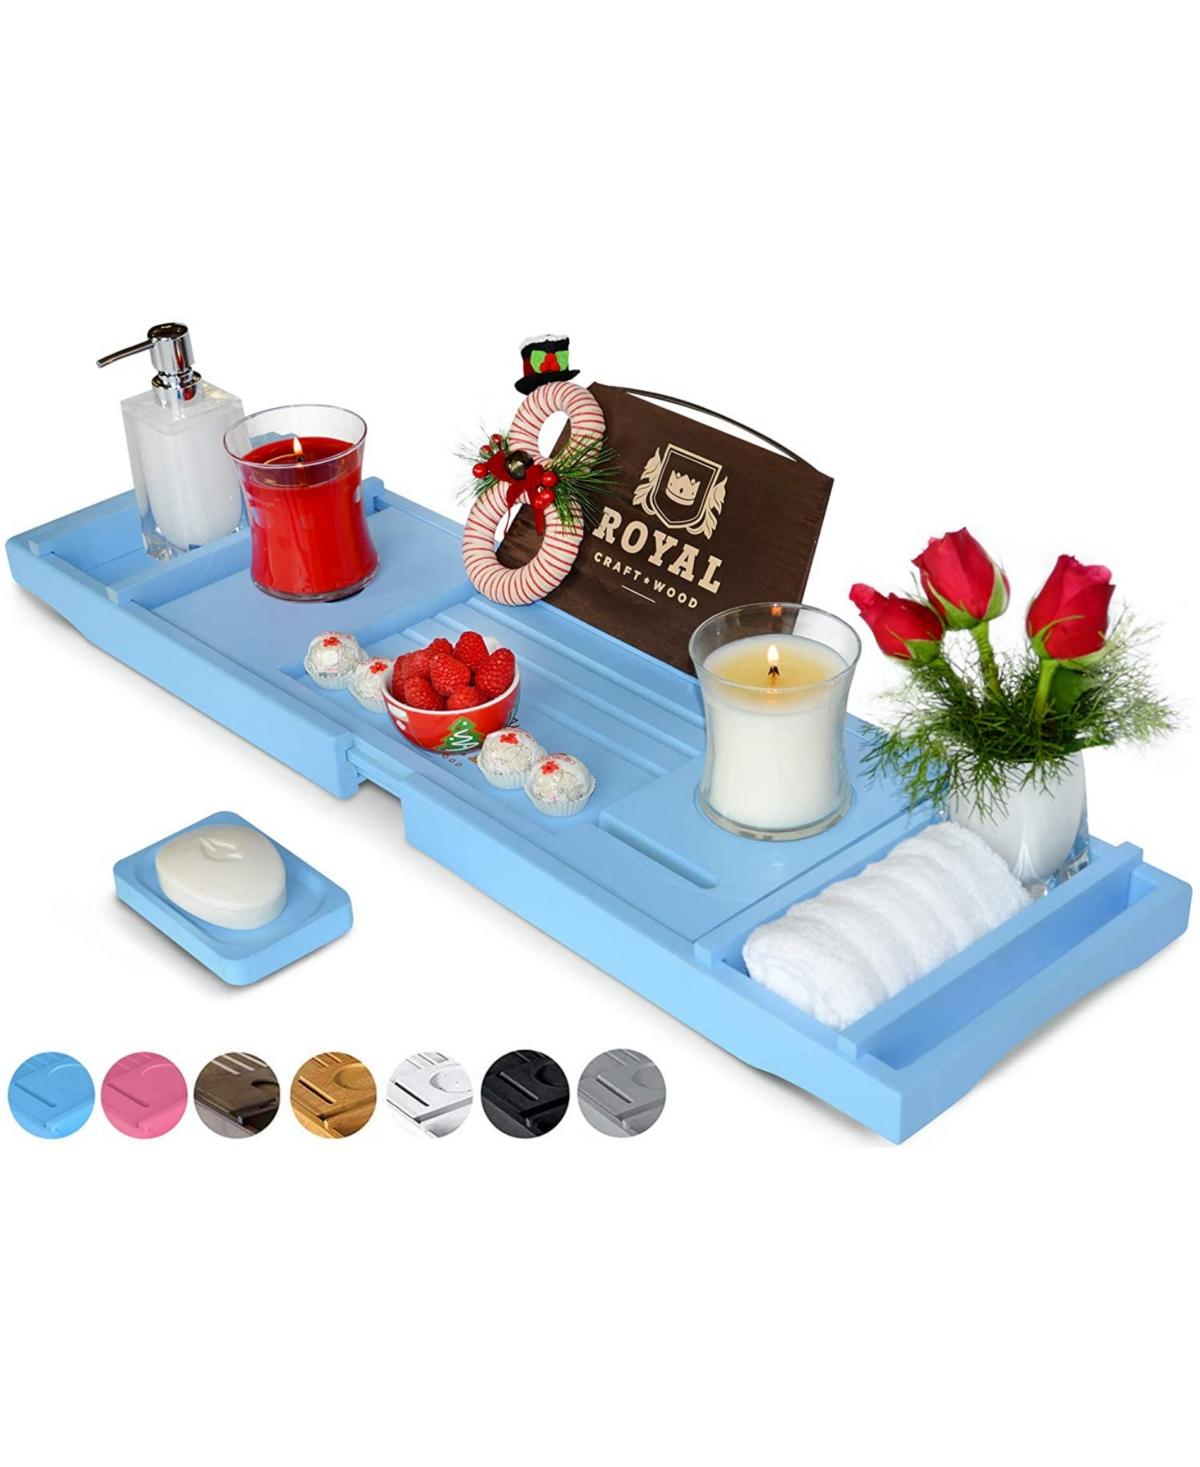 Royal Craft Wood Luxury Bathtub Caddy Tray Organizer